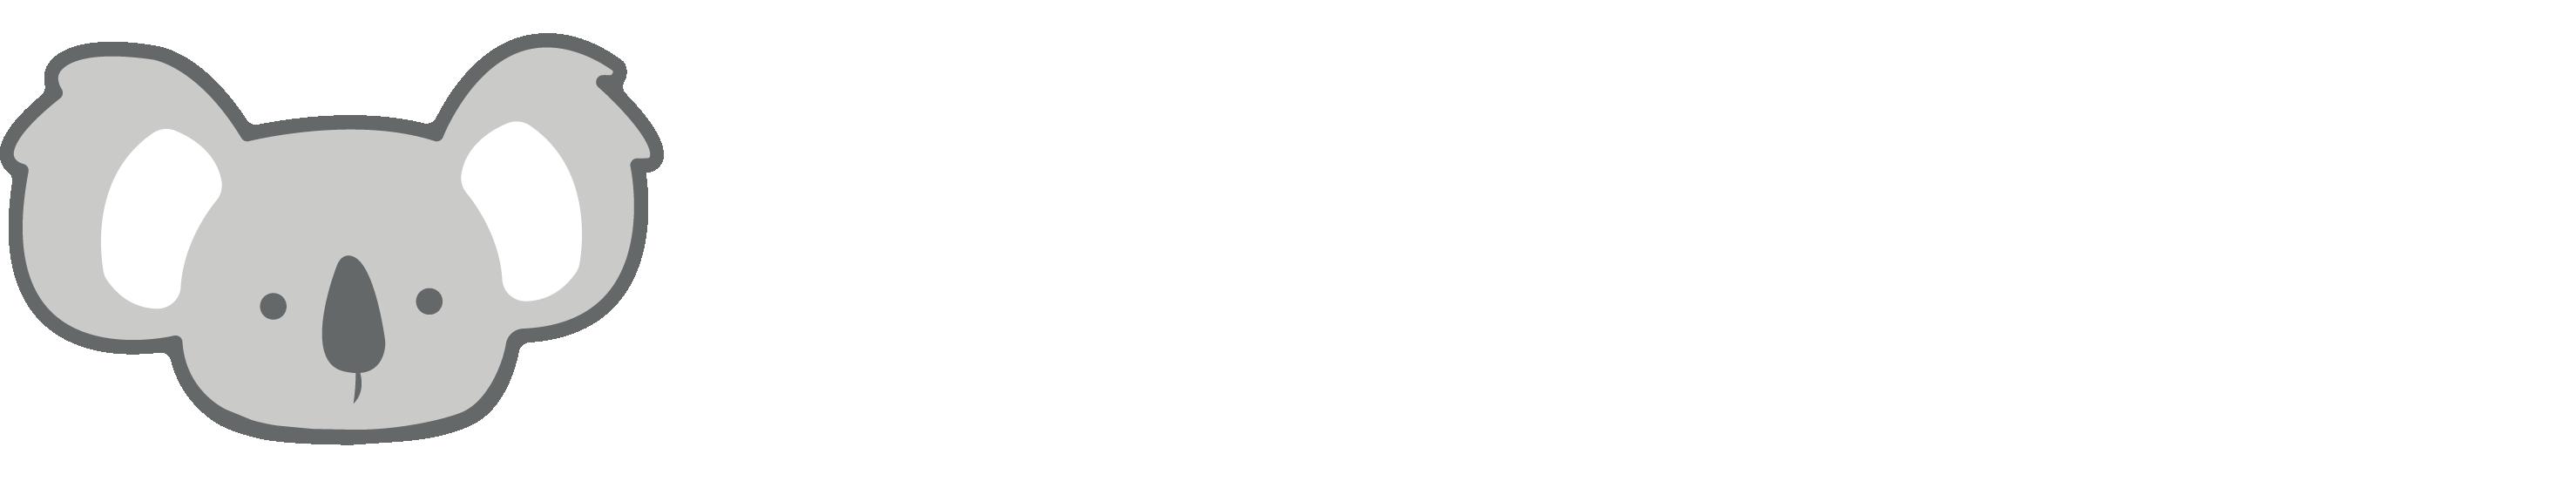 Glorgo aircon servicing logo white